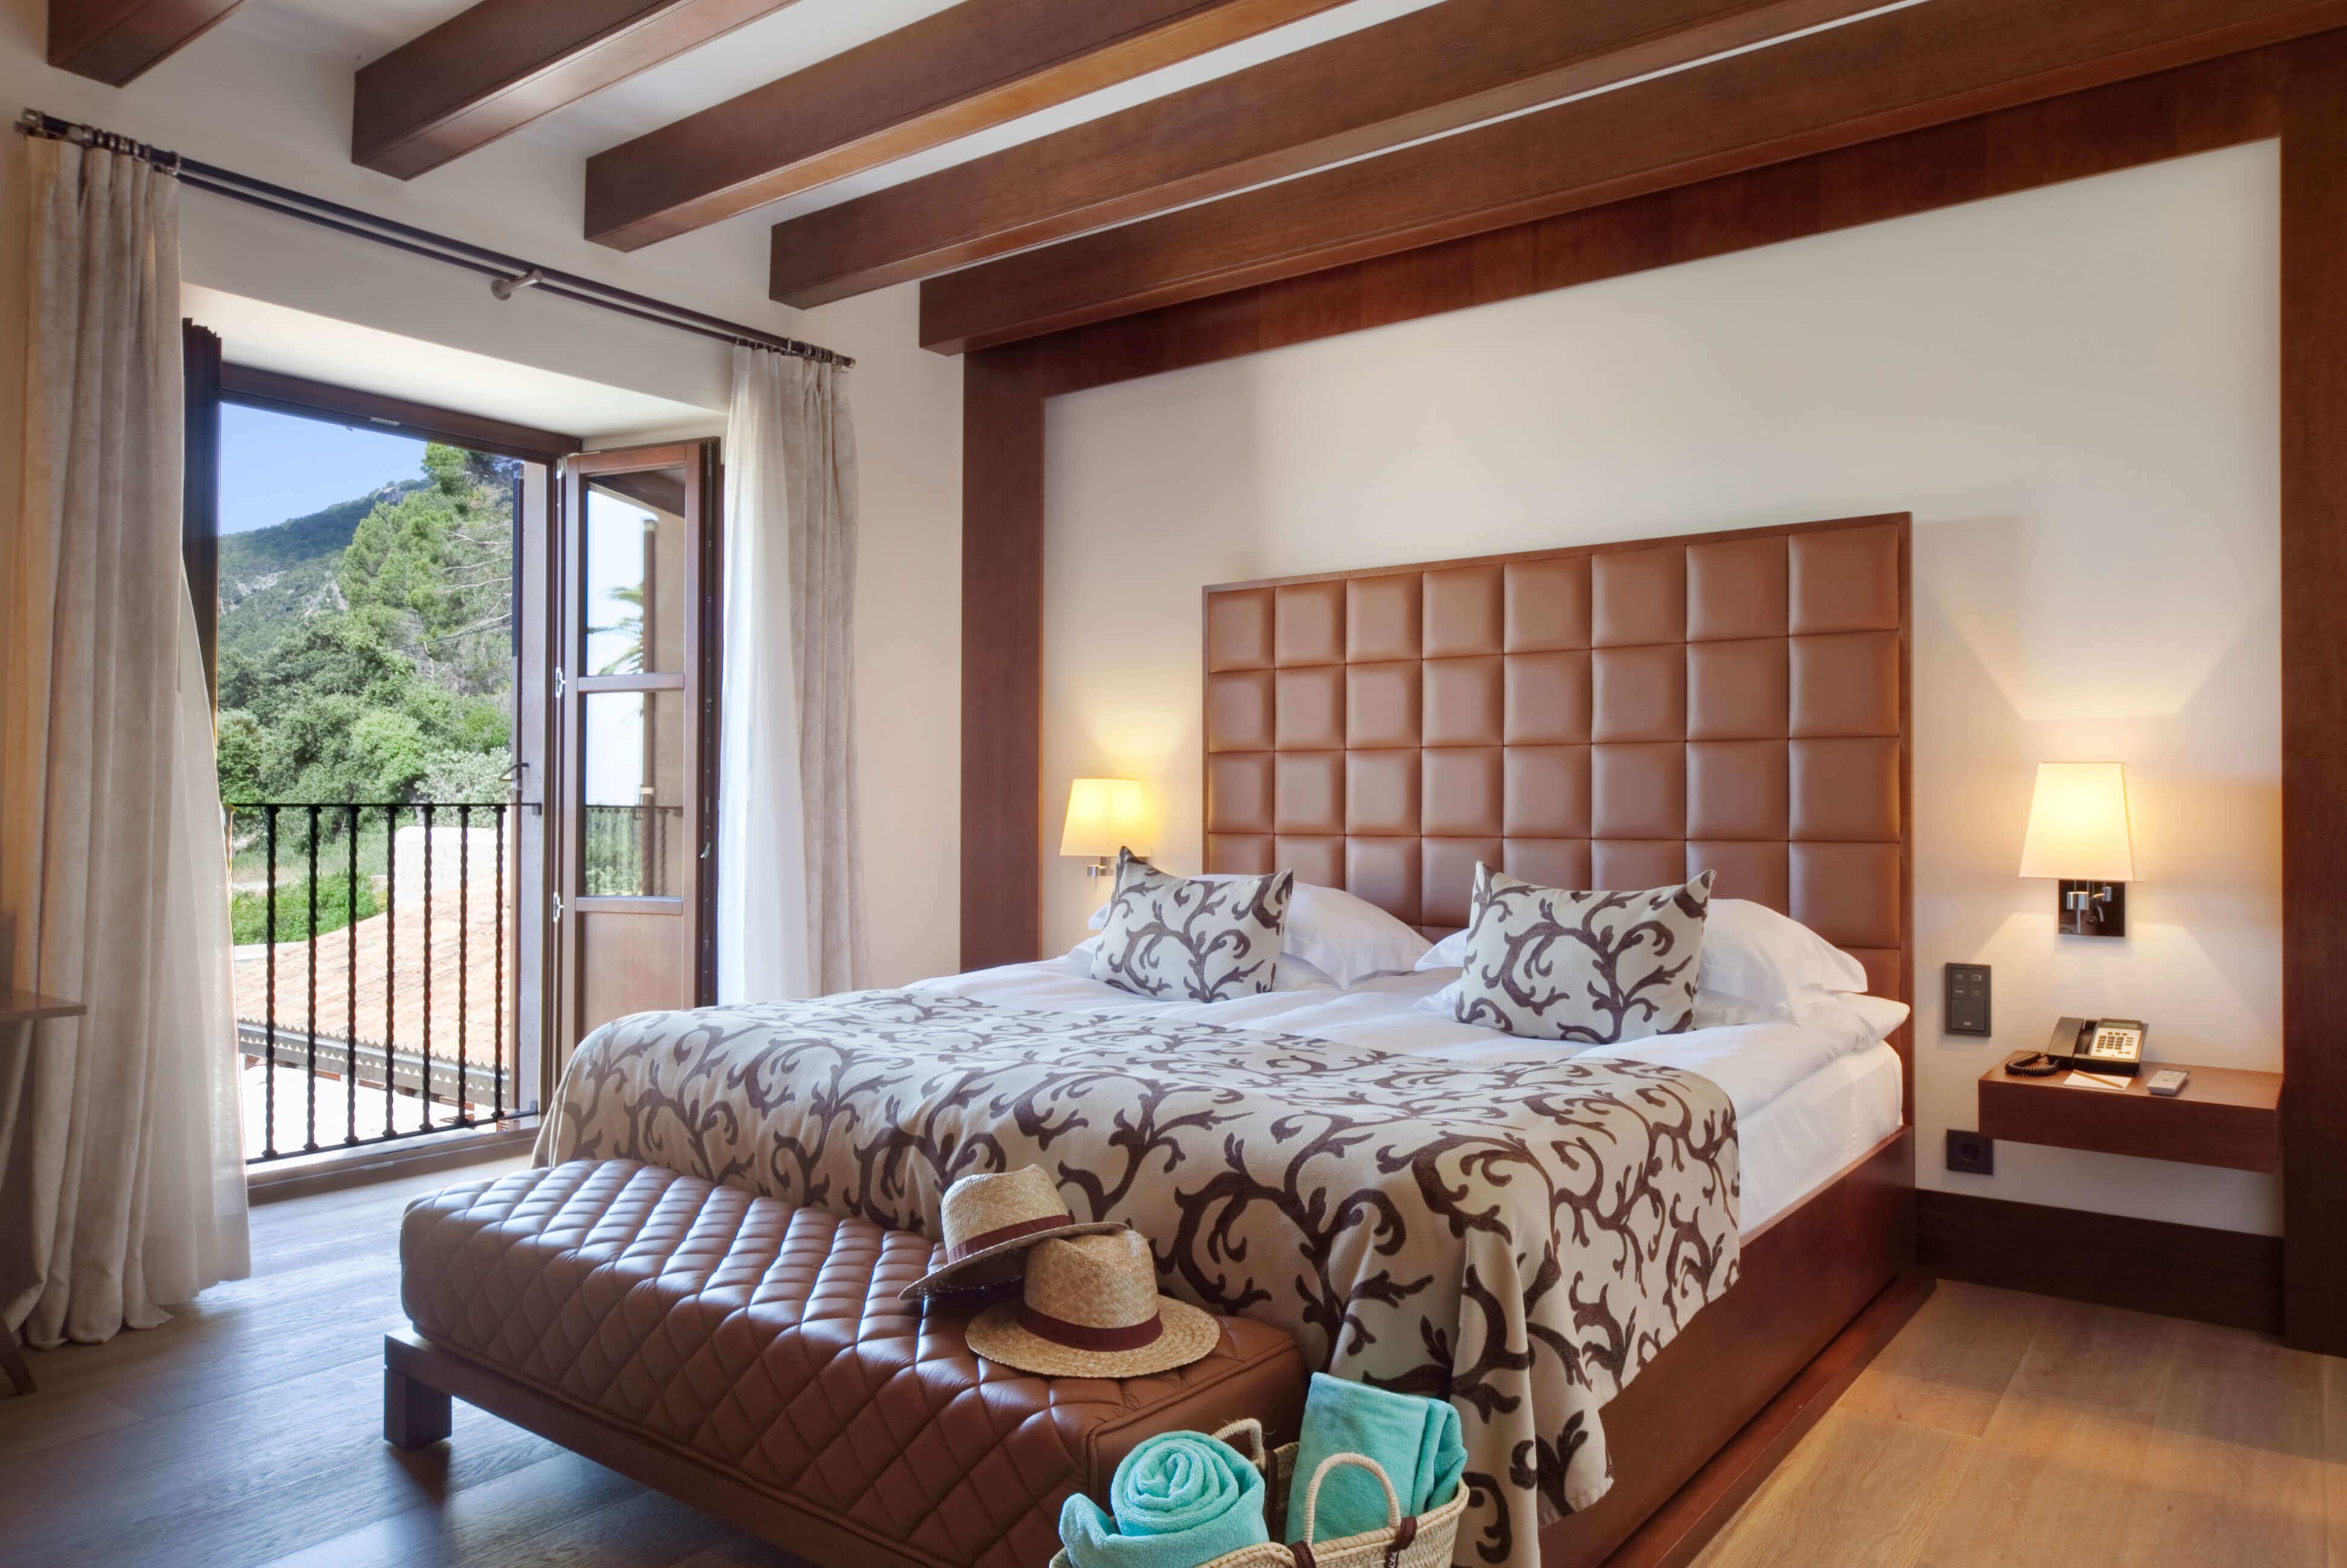 Suites y Habitaciones del Hotel de lujo en Mallorca, Castell Son Claret (2)